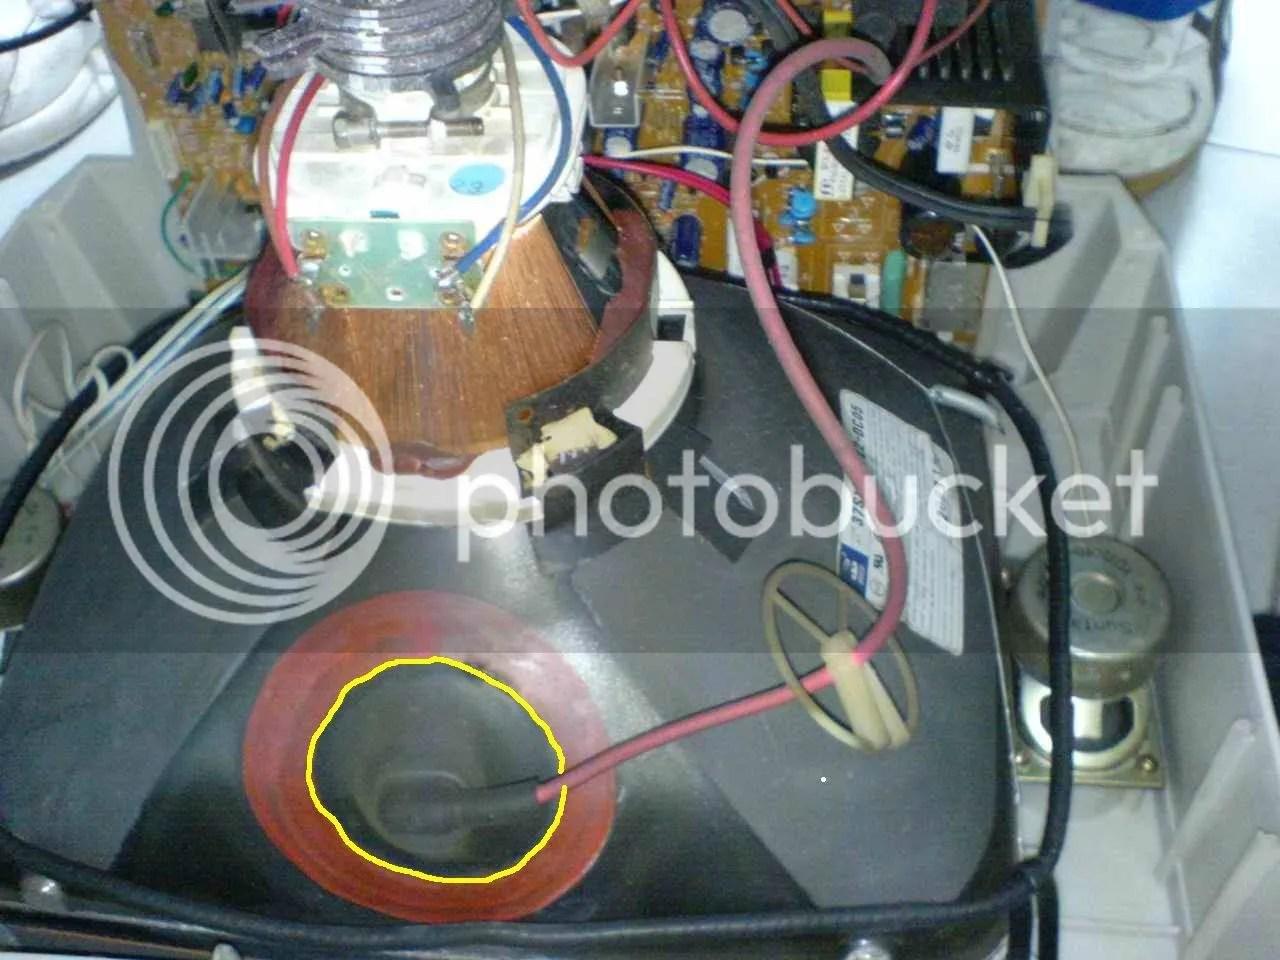 crt 高壓放電|- crt 高壓放電| - 快熱資訊 - 走進時代